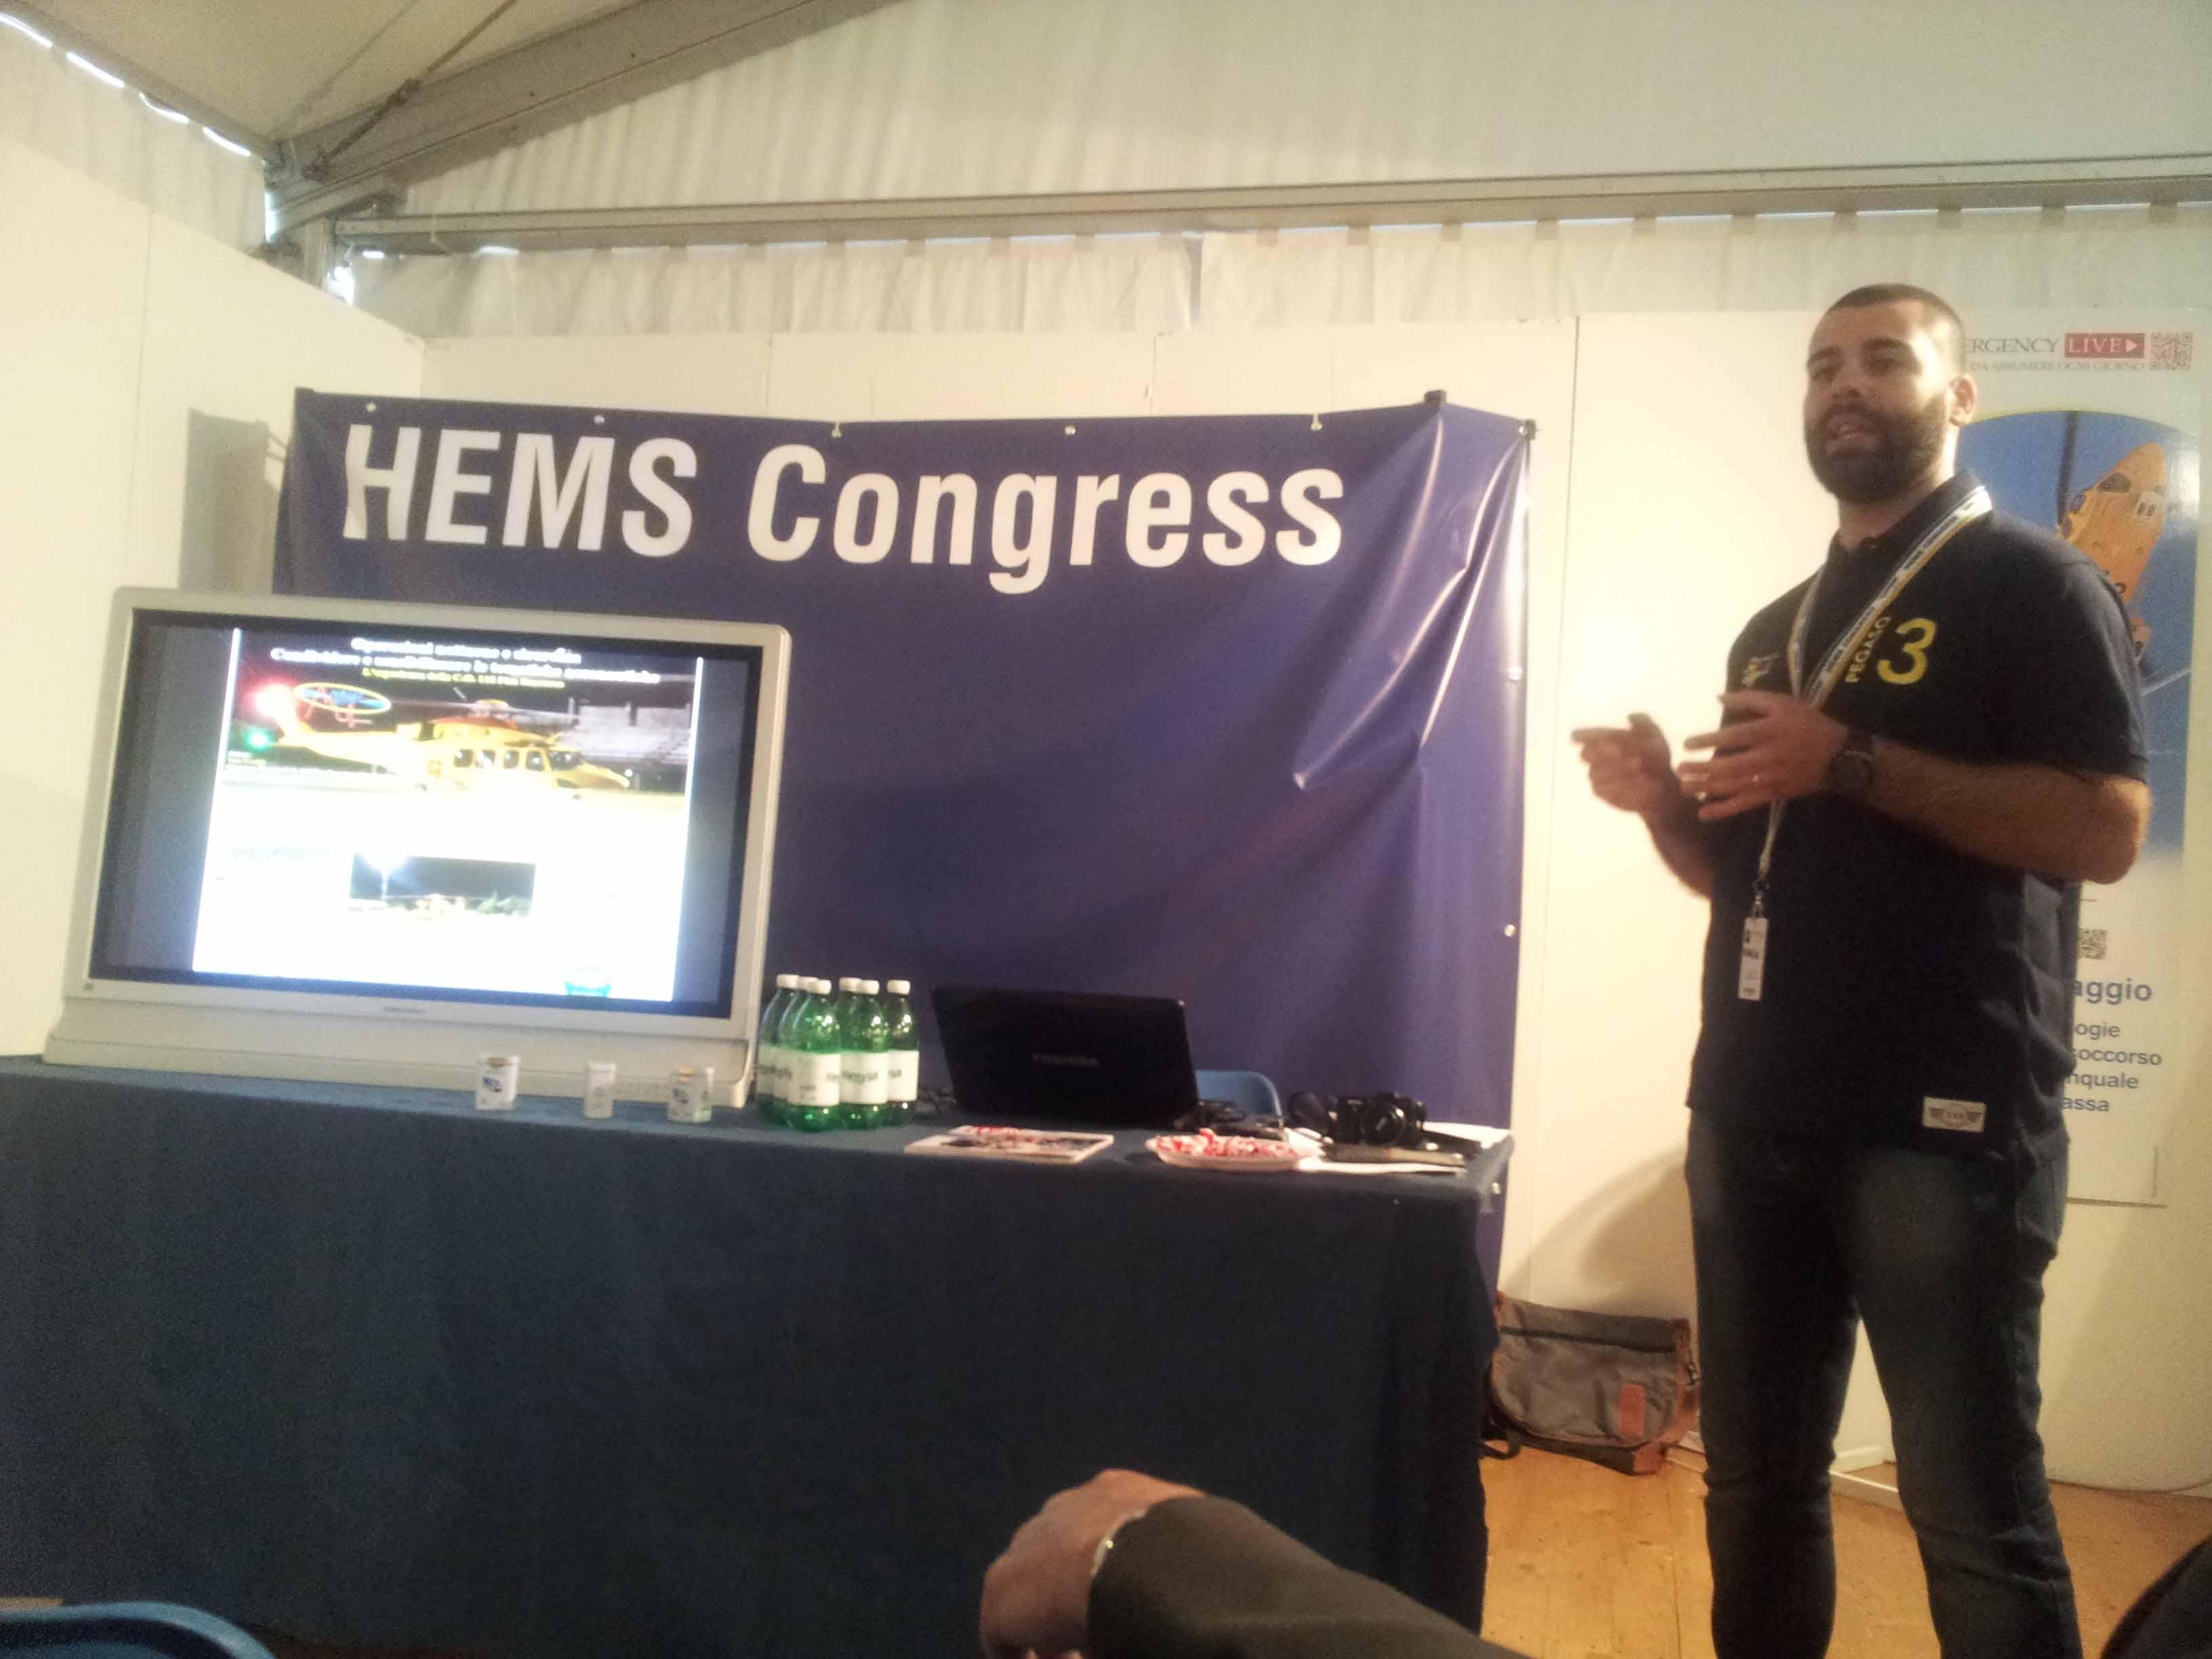 HEMS2015 la fotogallery dei 3 giorni dedicati all'elisoccorso | Emergency Live 7